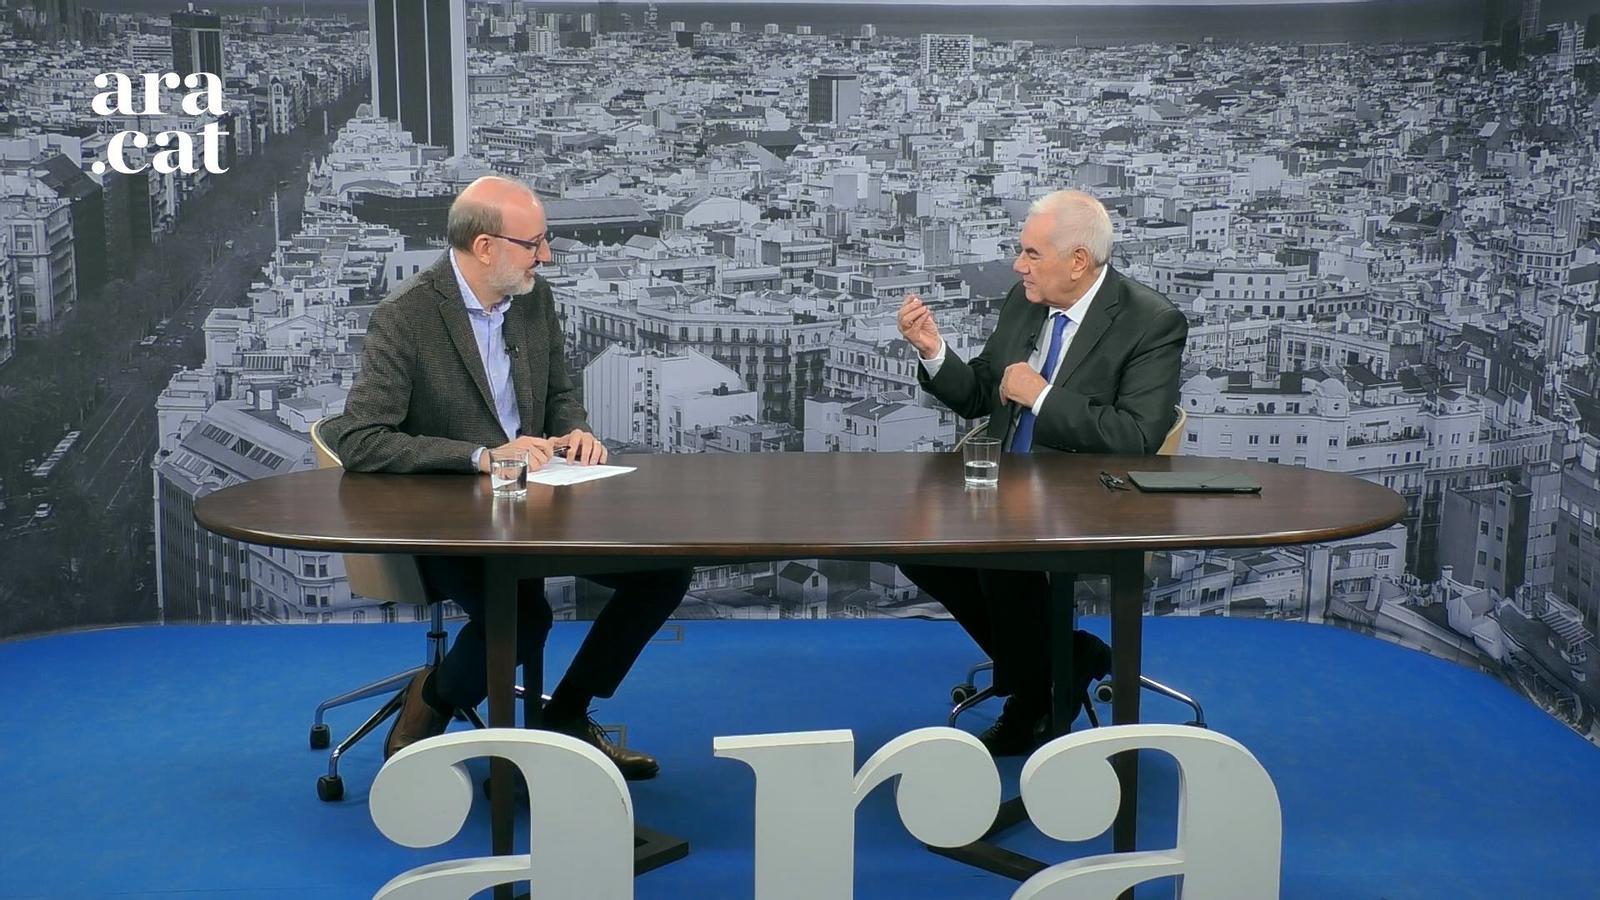 Entrevista d'Antoni Bassas a Ernest Maragall